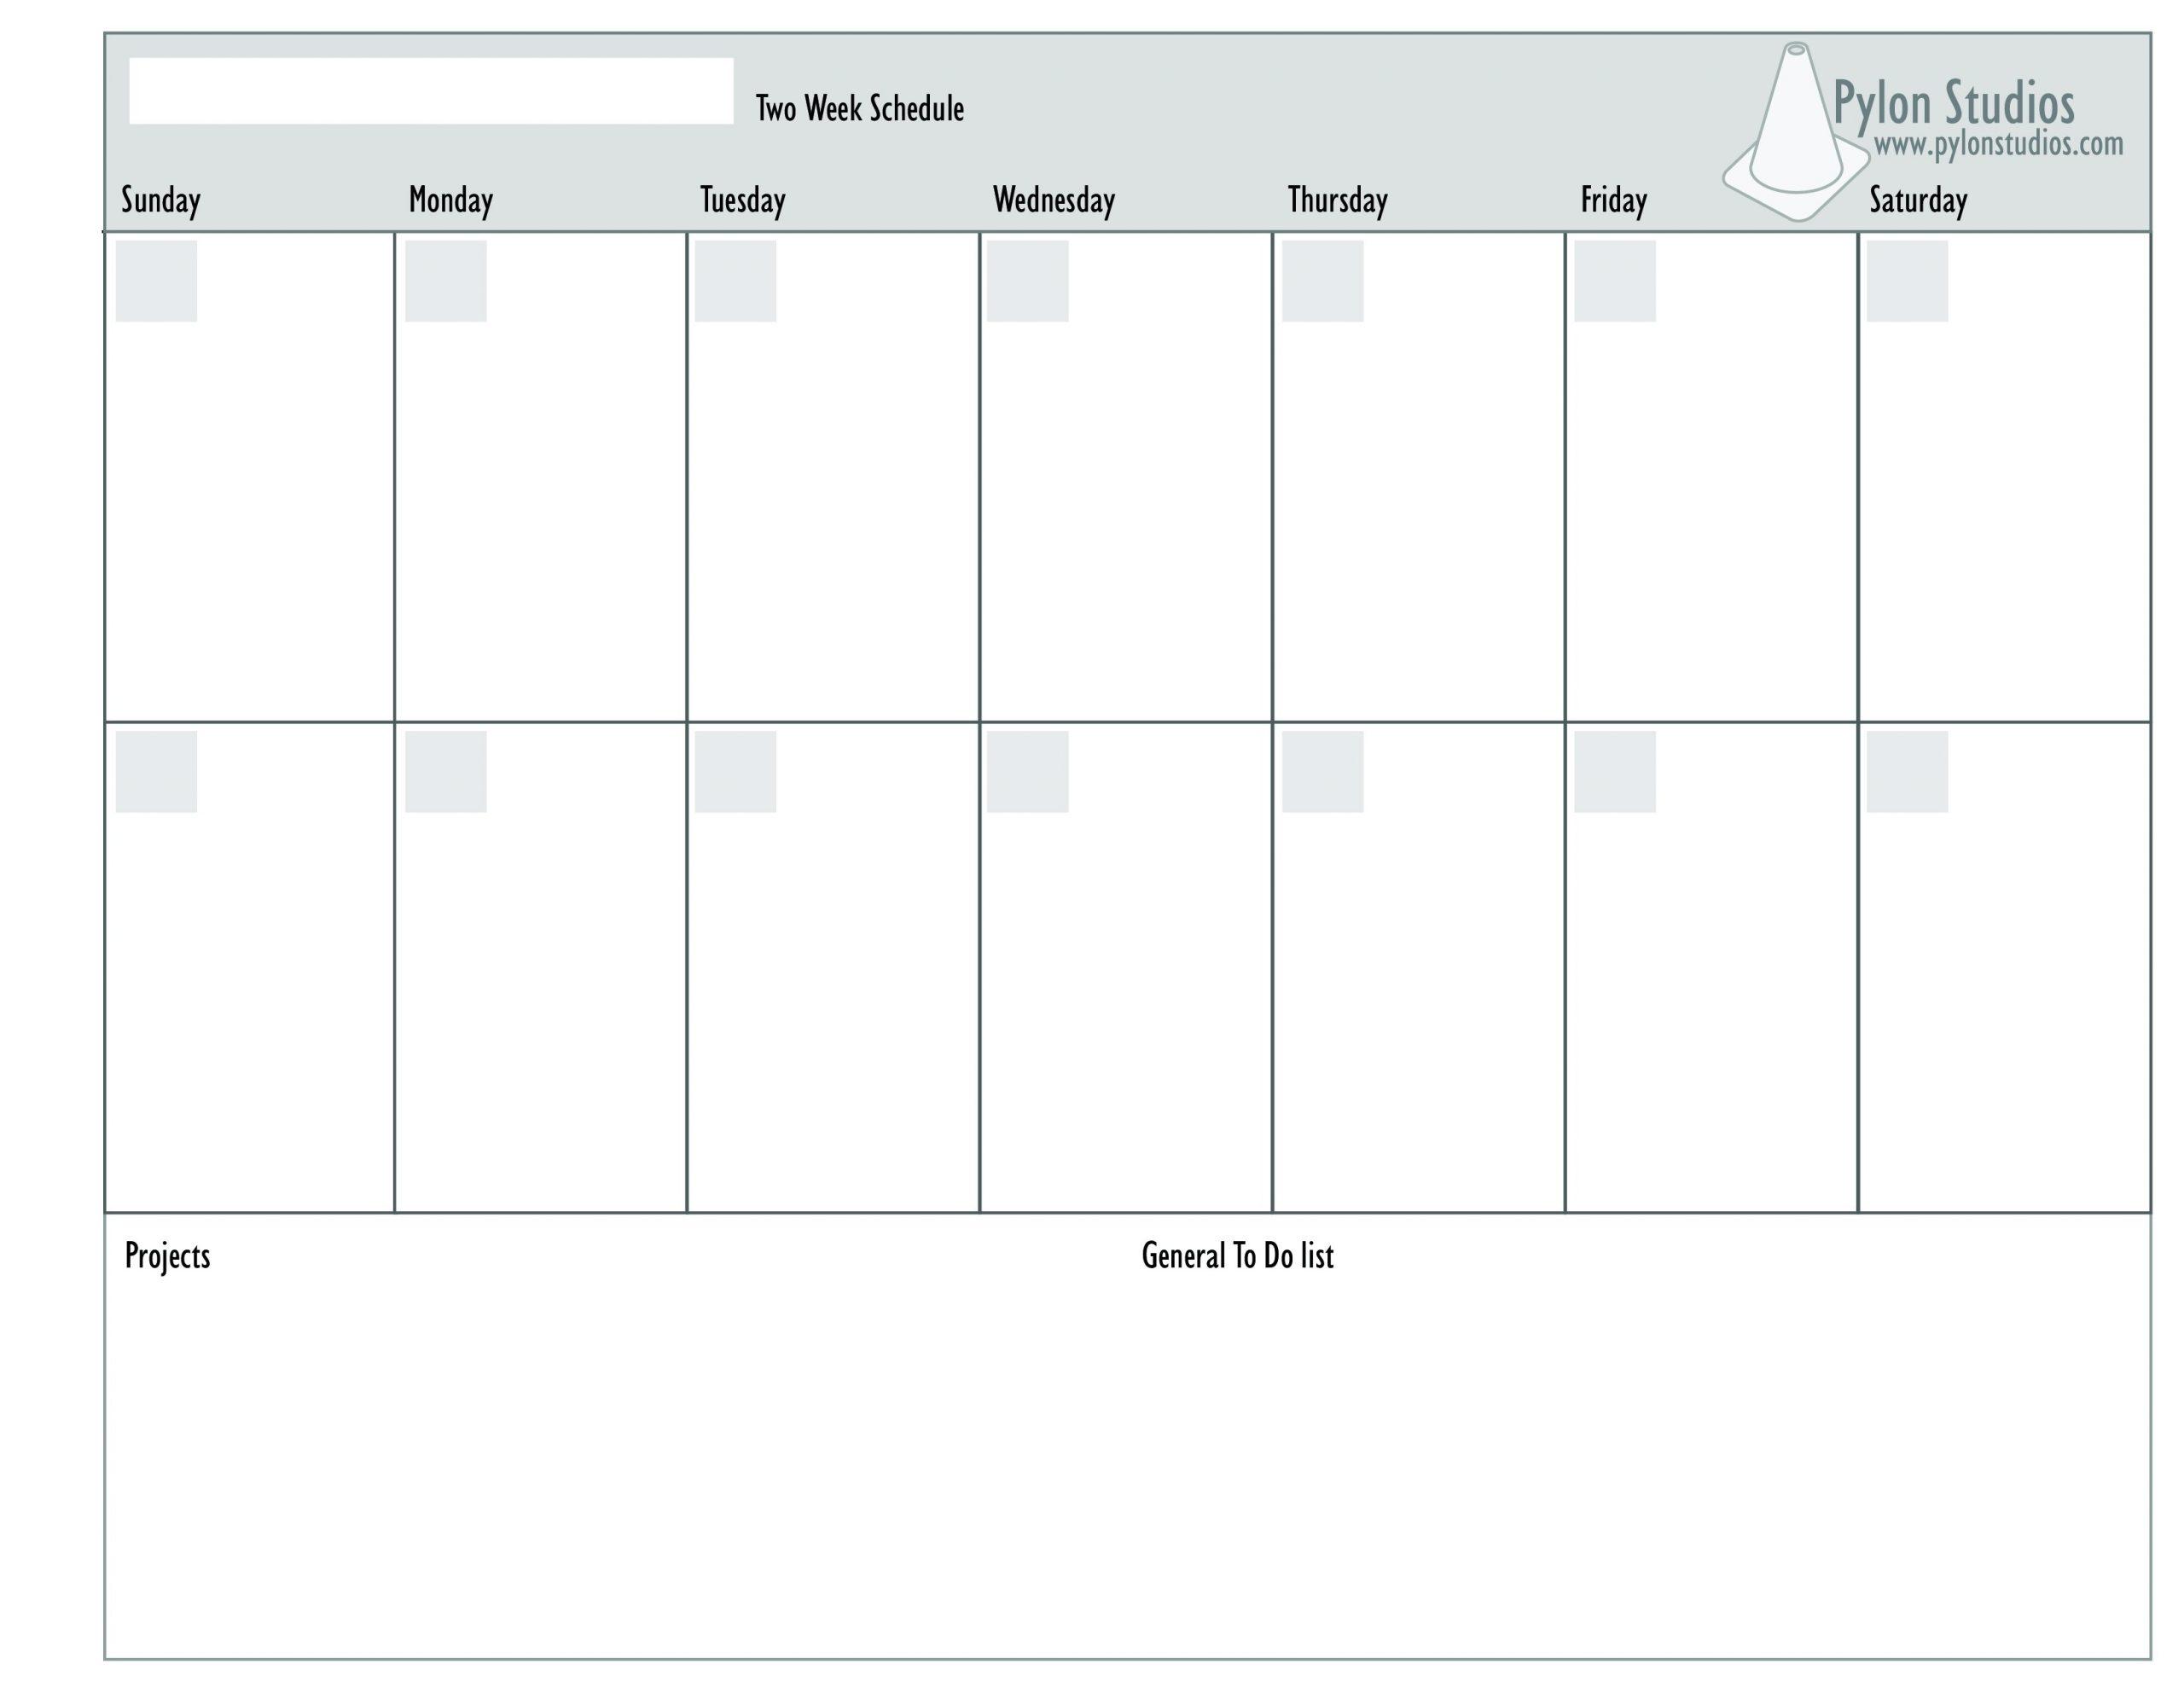 Blank Two Week Schedule Template - Calendar Inspiration Design Blank 2 Week Calendar